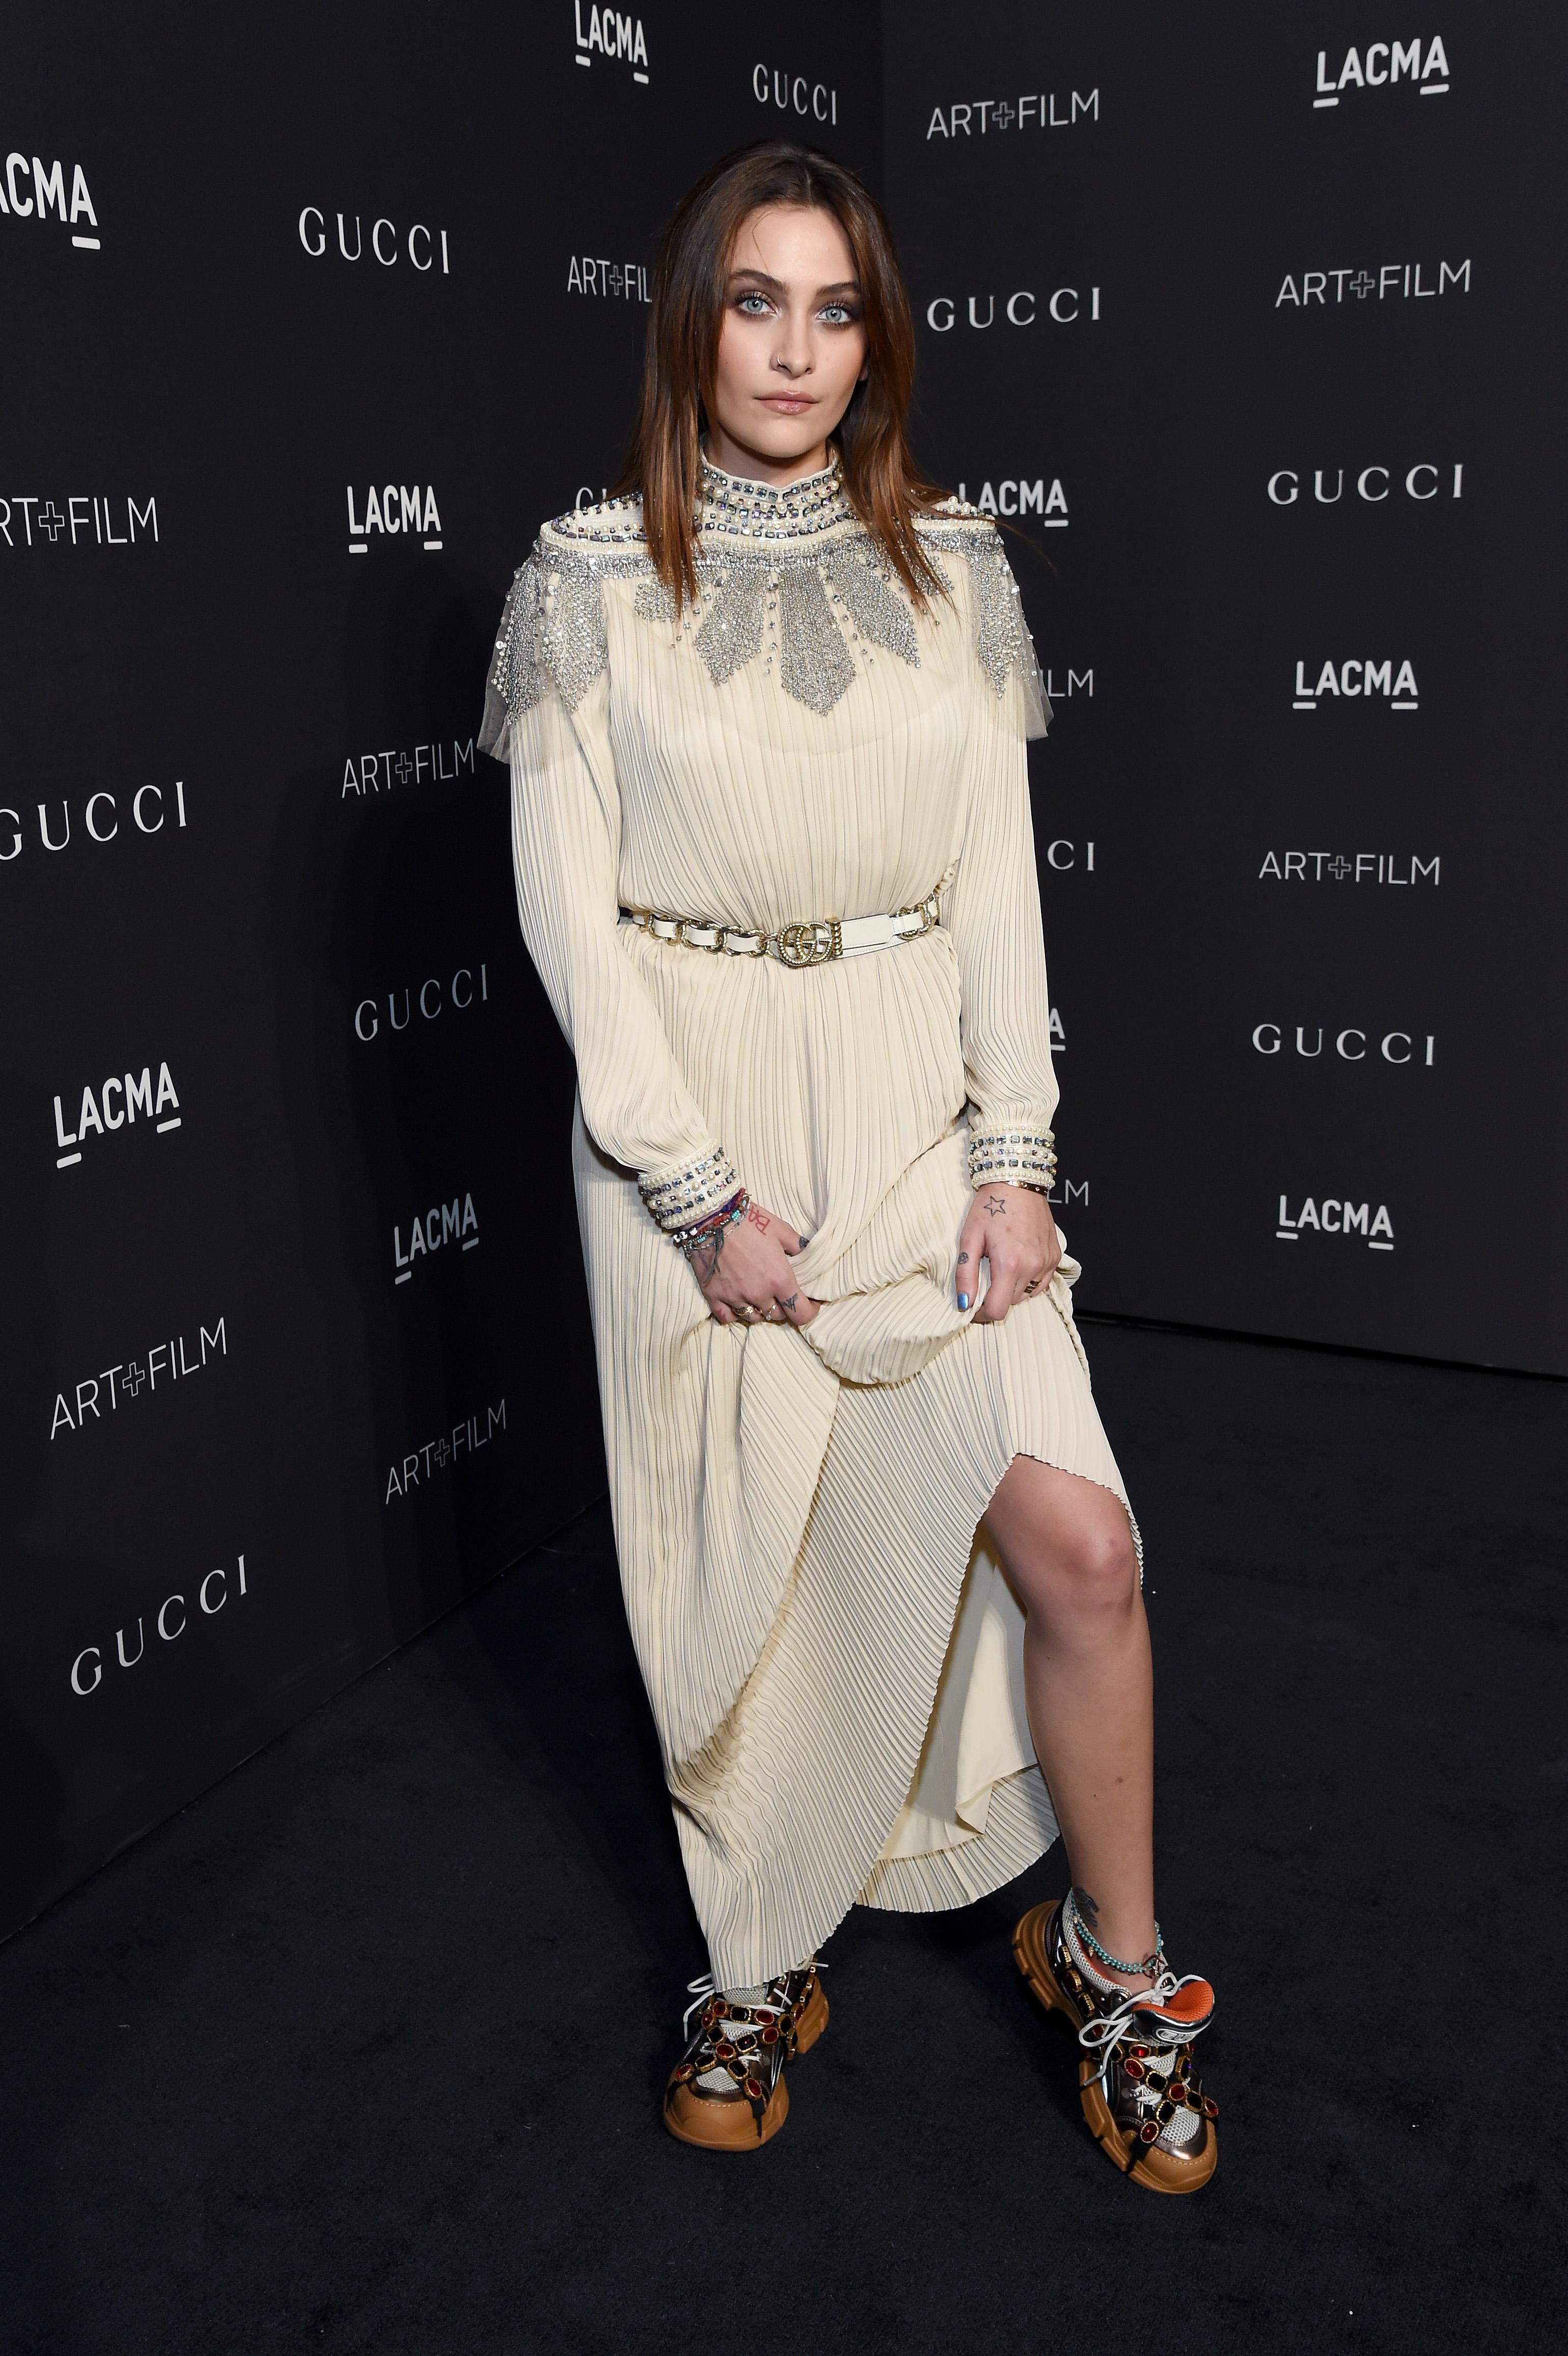 Foto de Paris Jackson no tapete vermelho no Museu de Arte do Condado de Londres. Ela usa um vestido branco com detalhes em diamante e tênis da Gucci. Ela olha para a câmera e não sorri.